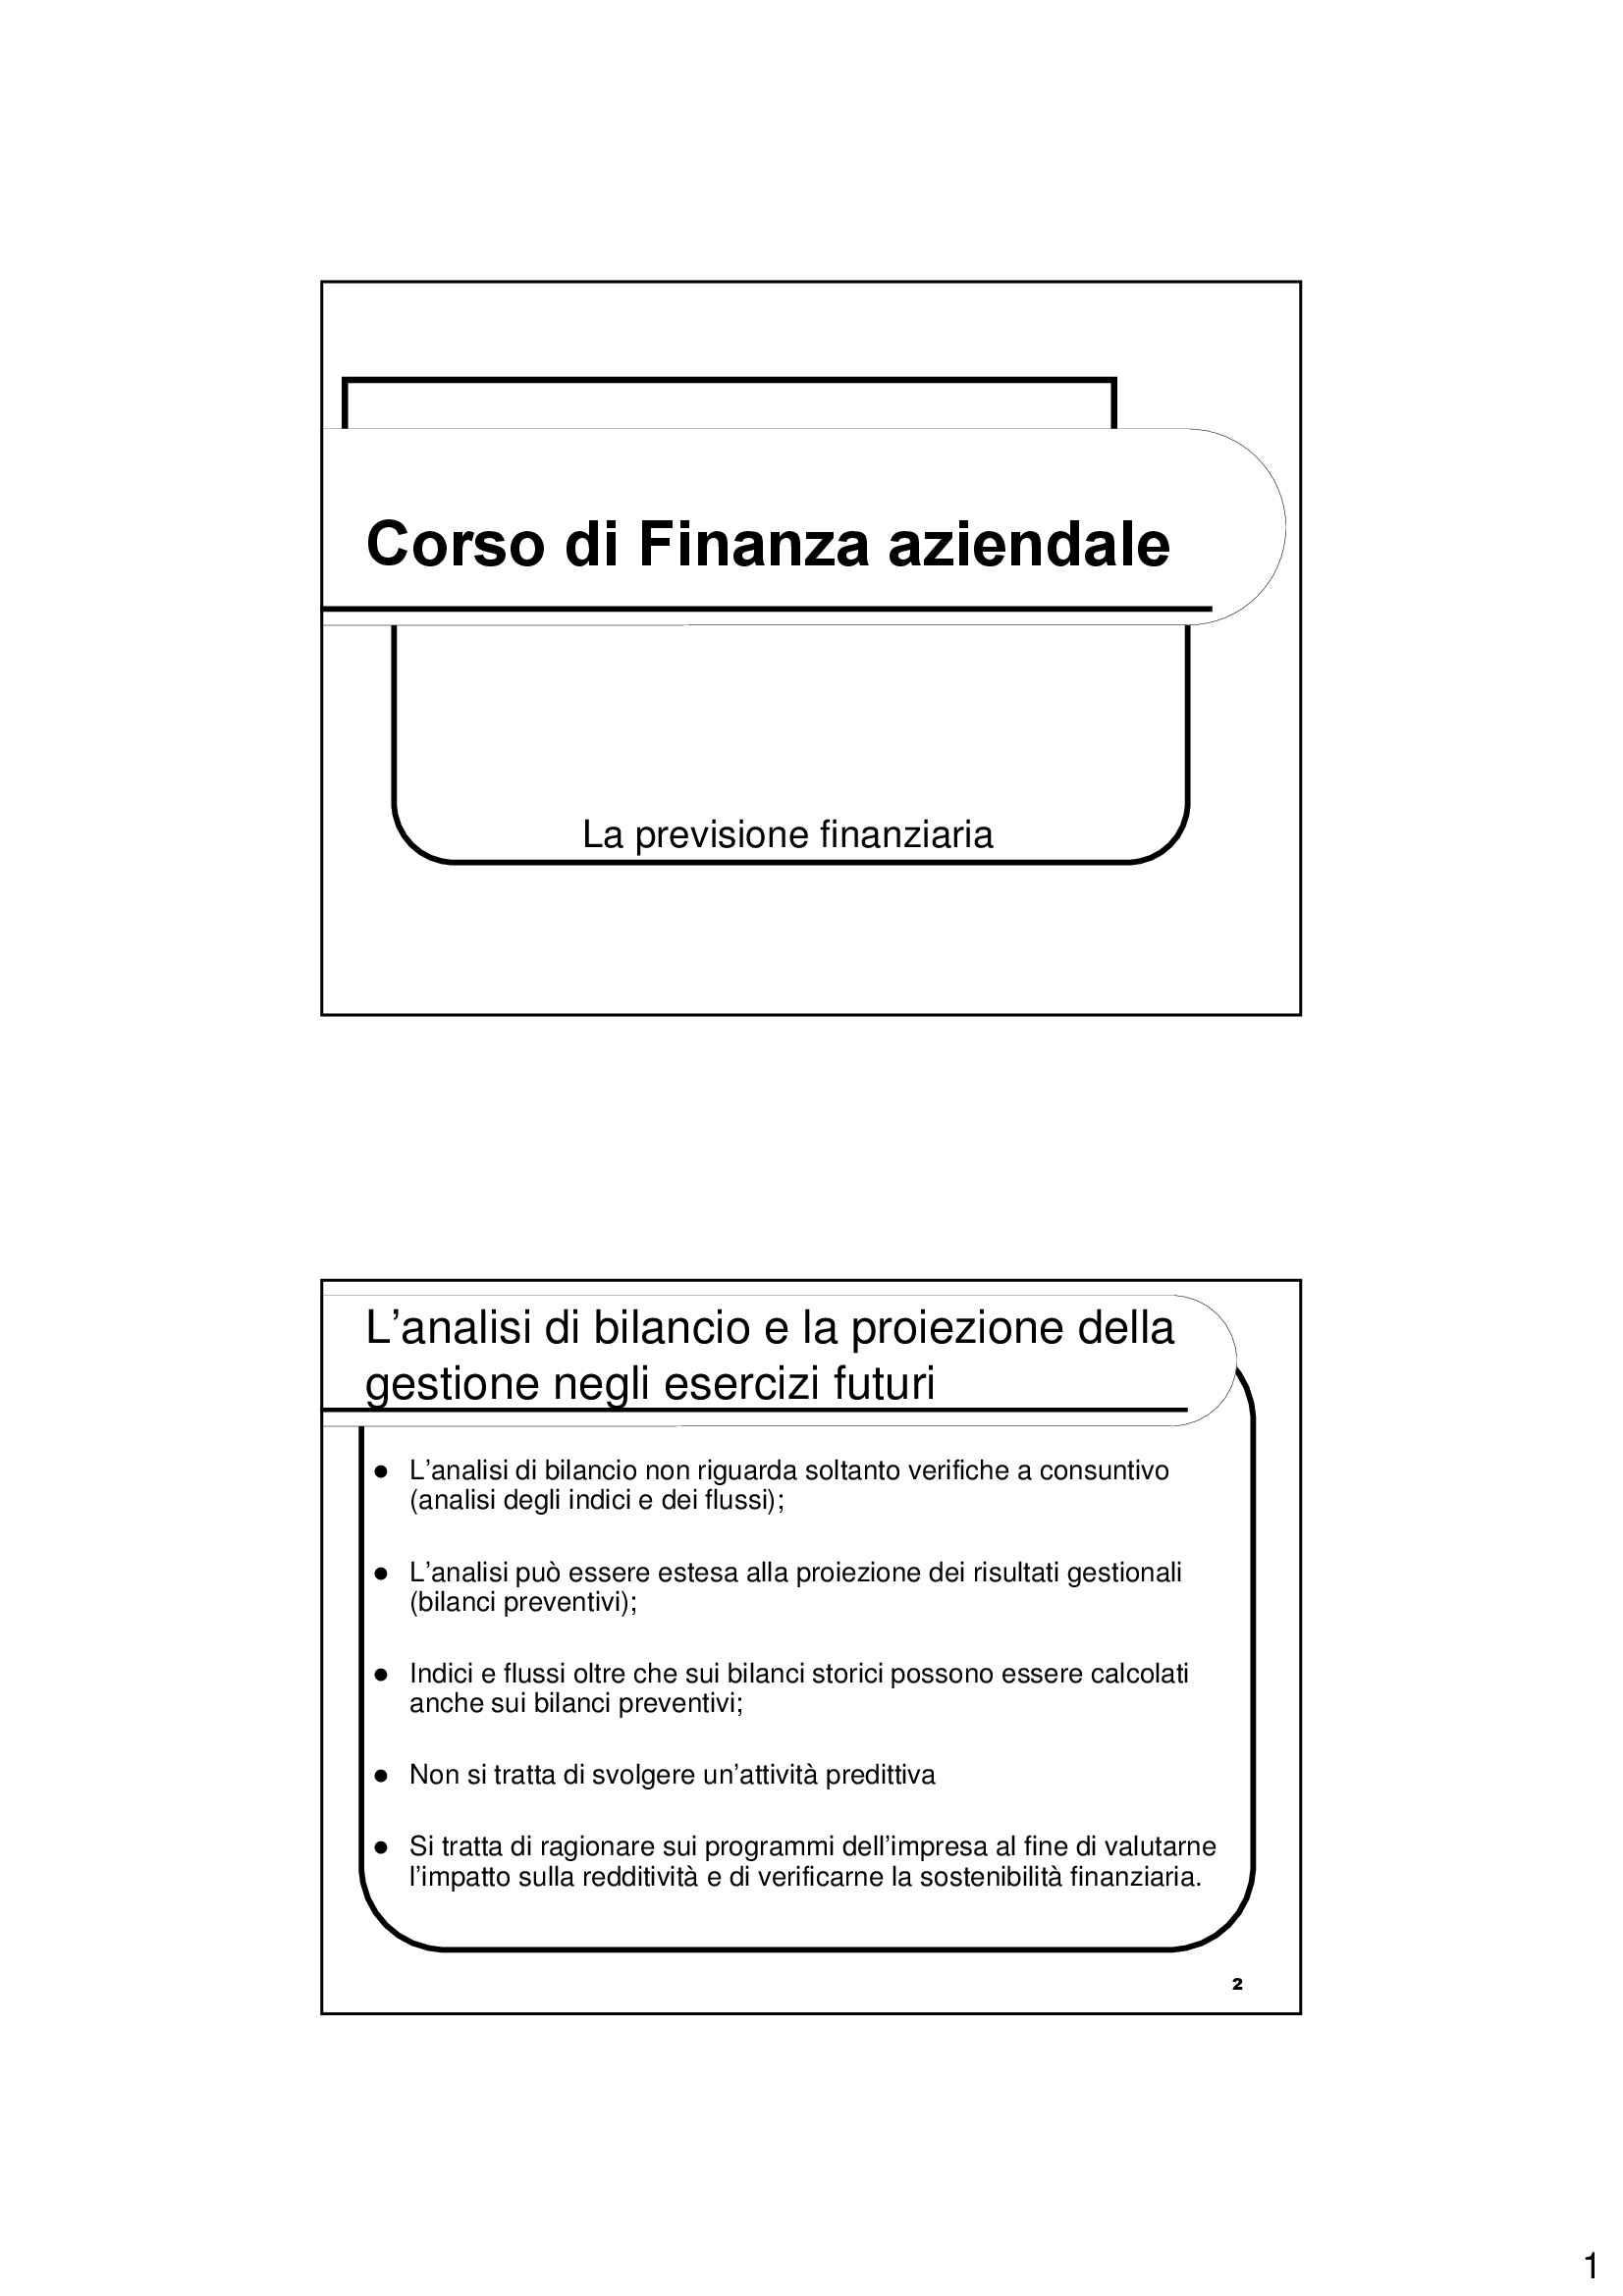 Previsione finanziaria